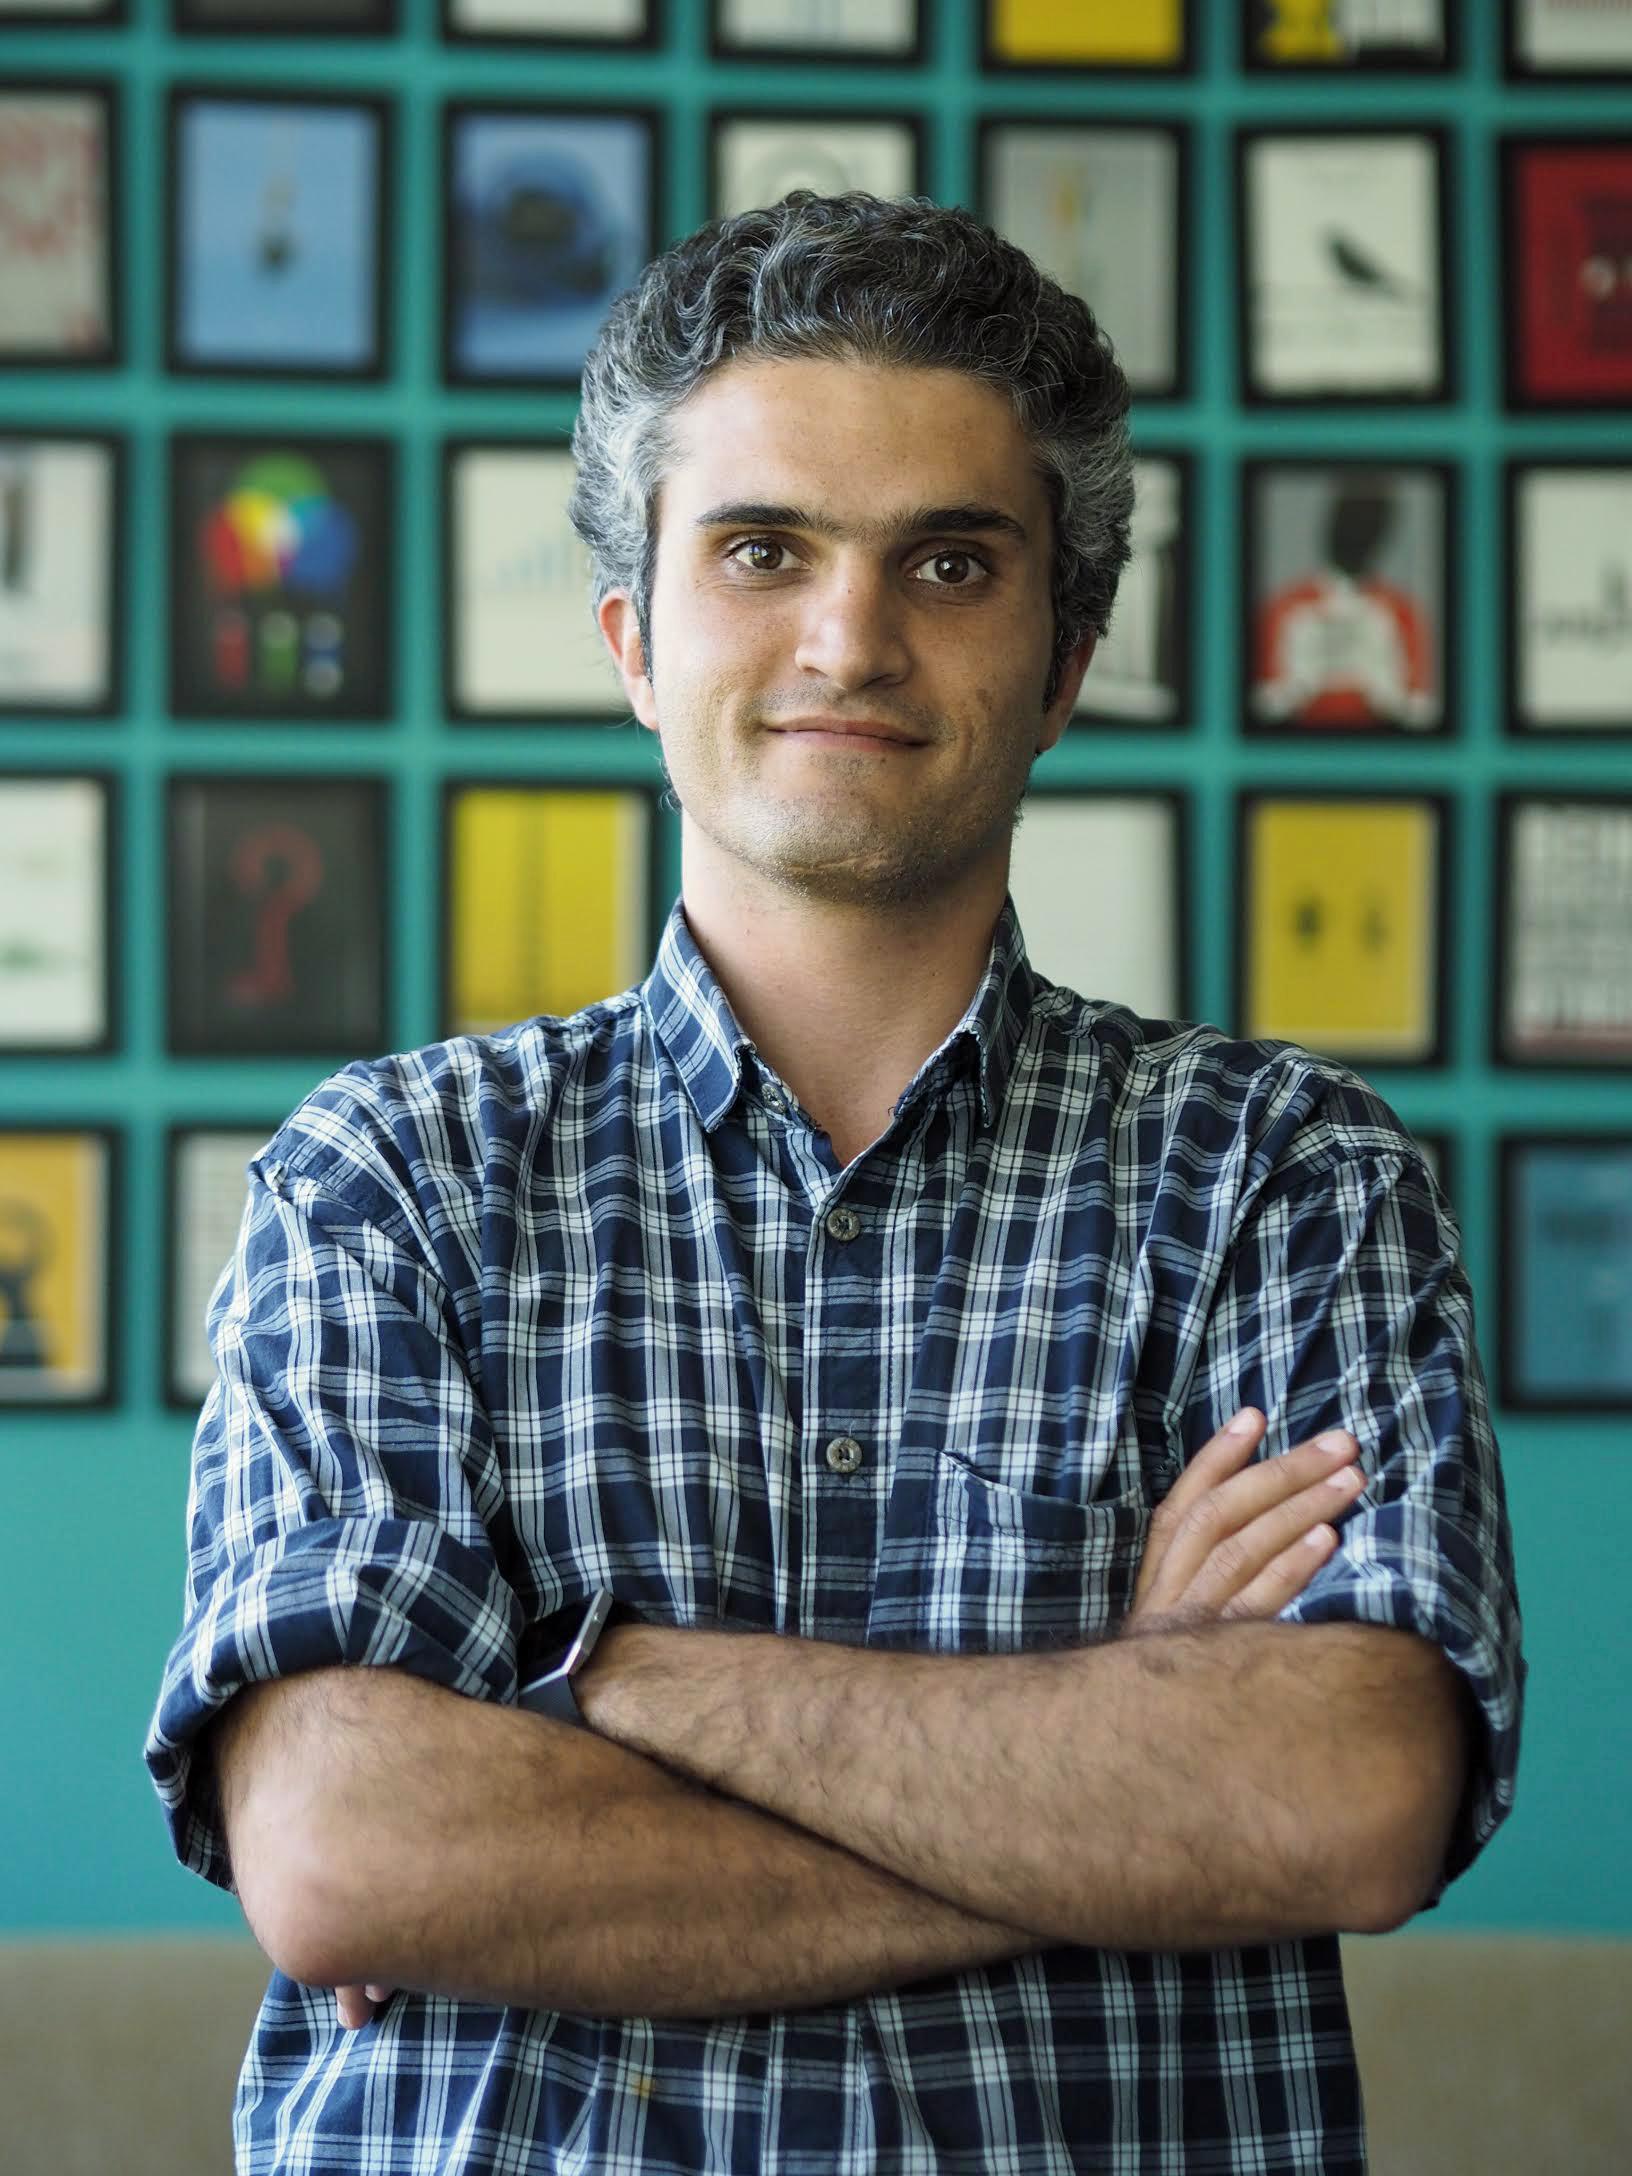 M. Ghaffarian